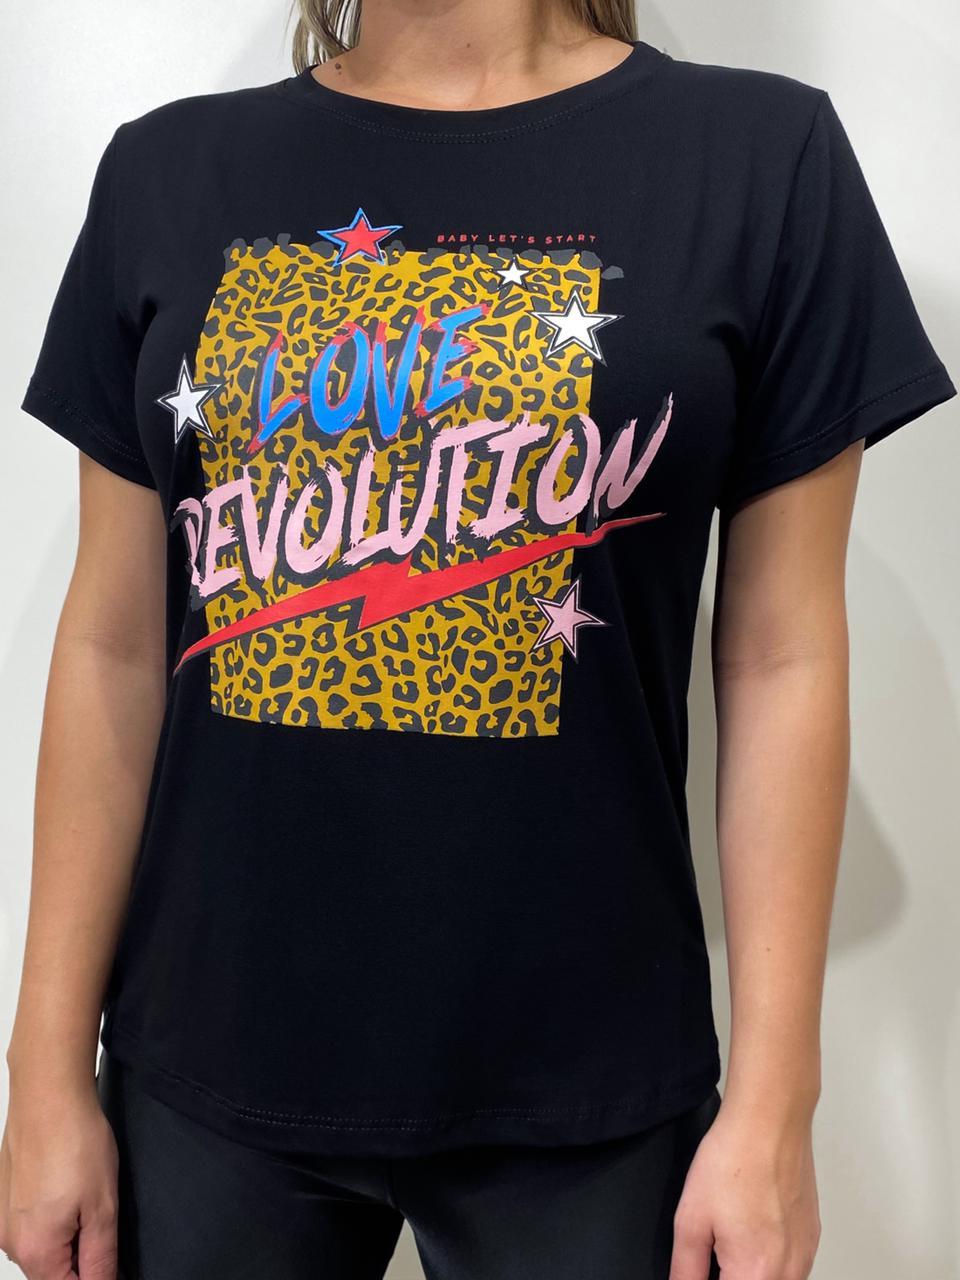 Tshirt Love Revolution